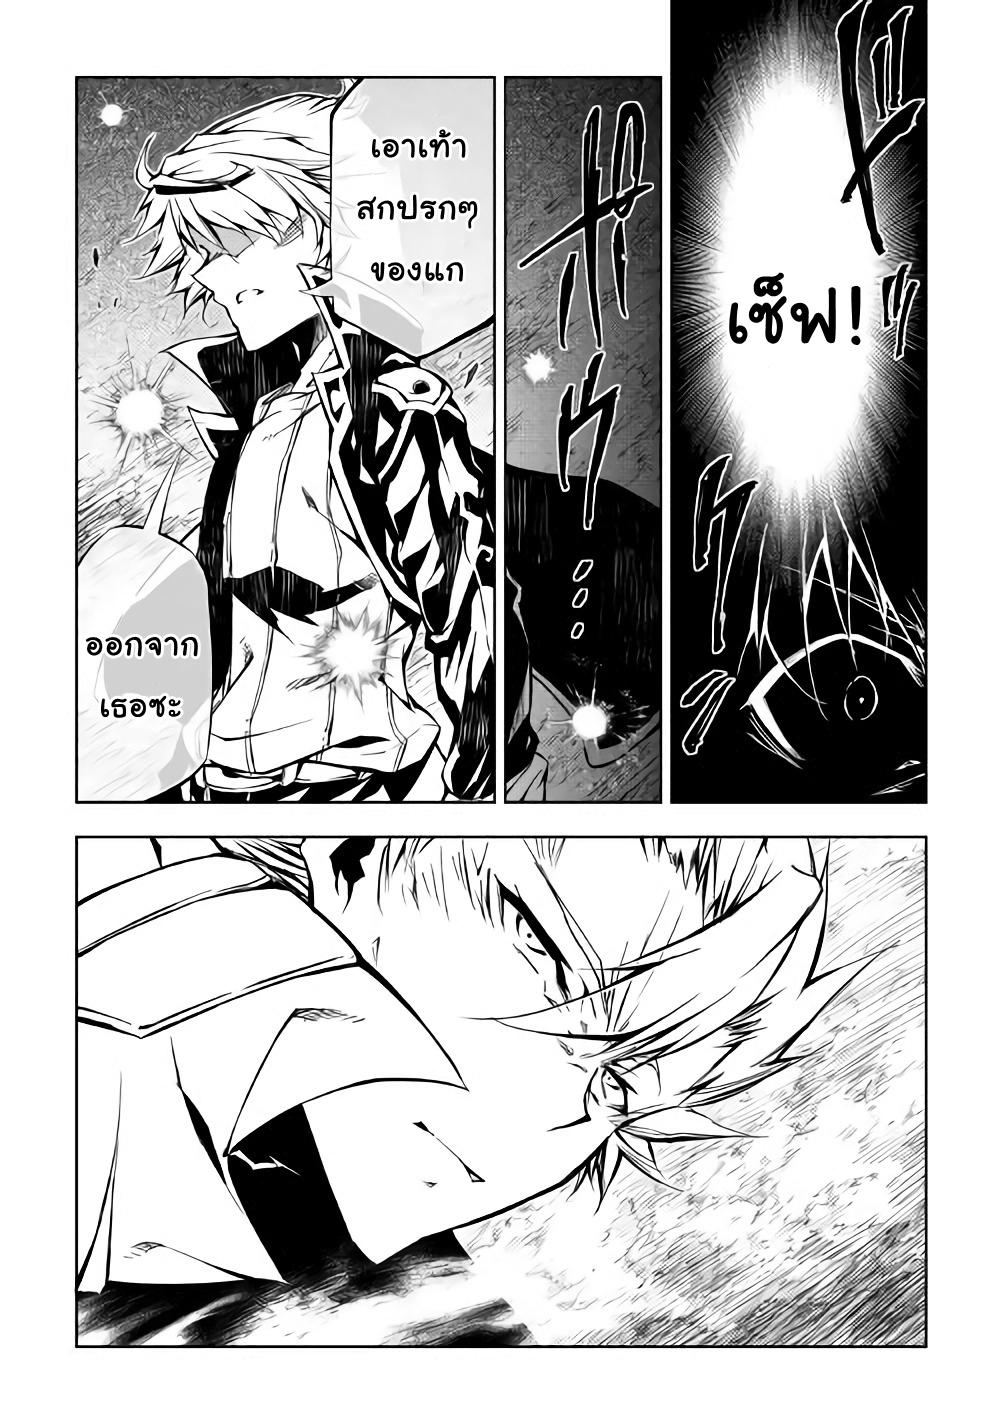 อ่านการ์ตูน Kouritsu Kuriya Madoushi, Dani no Jinsei de Madou o Kiwameru ตอนที่ 29 กระสุนเวทย์มนตร์ที่ชั่วร้าย หน้า 30